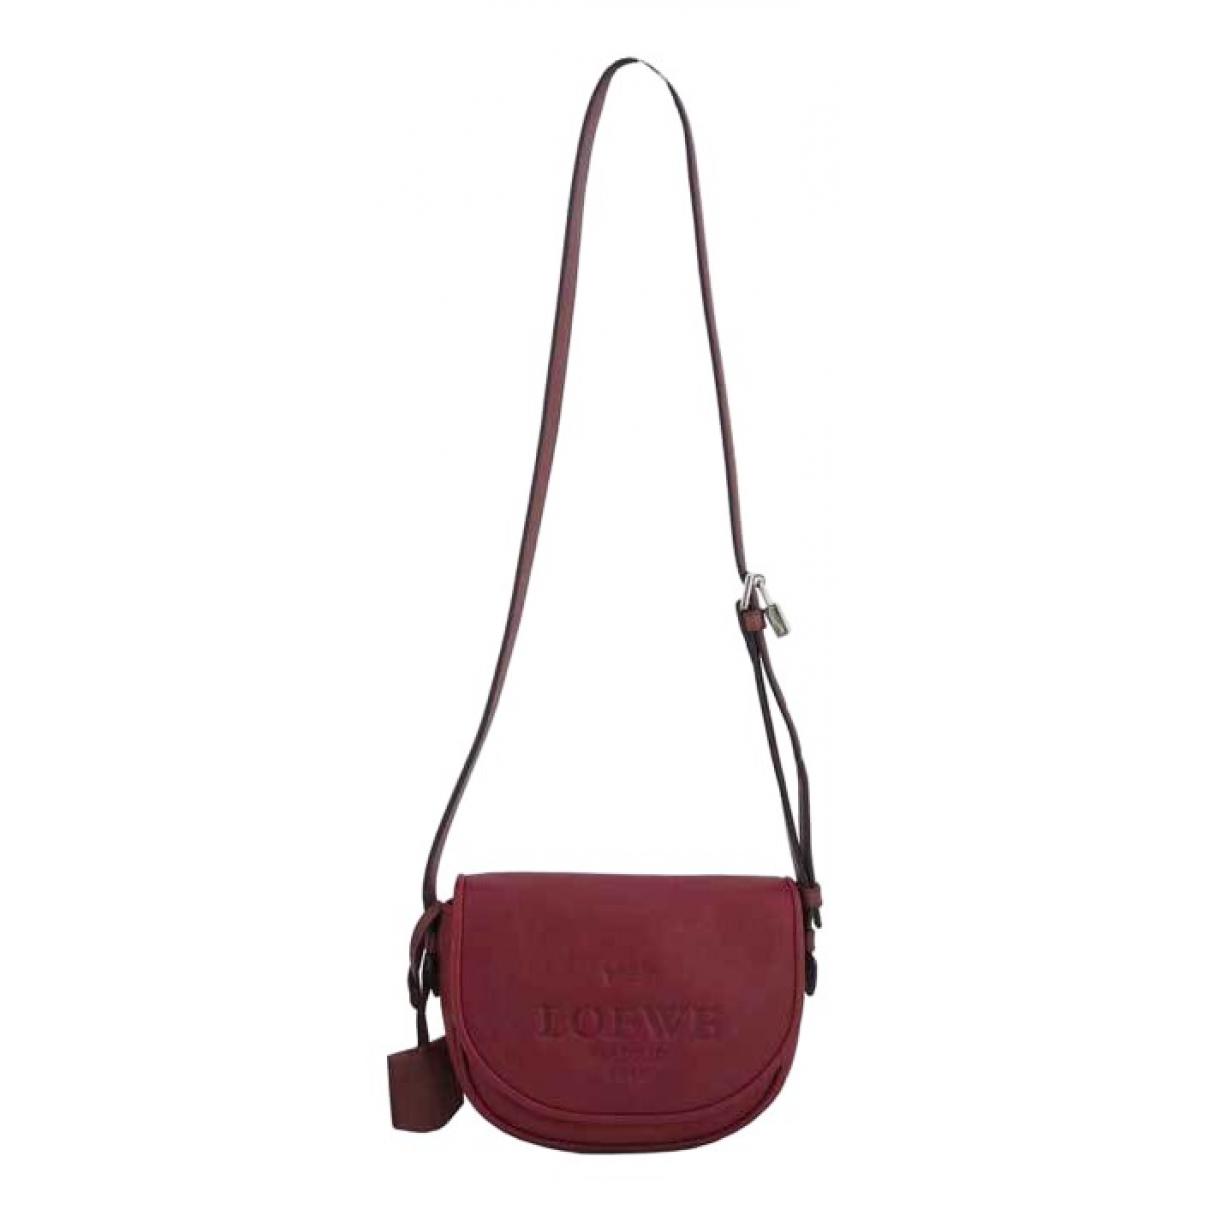 Loewe \N Burgundy Leather handbag for Women \N